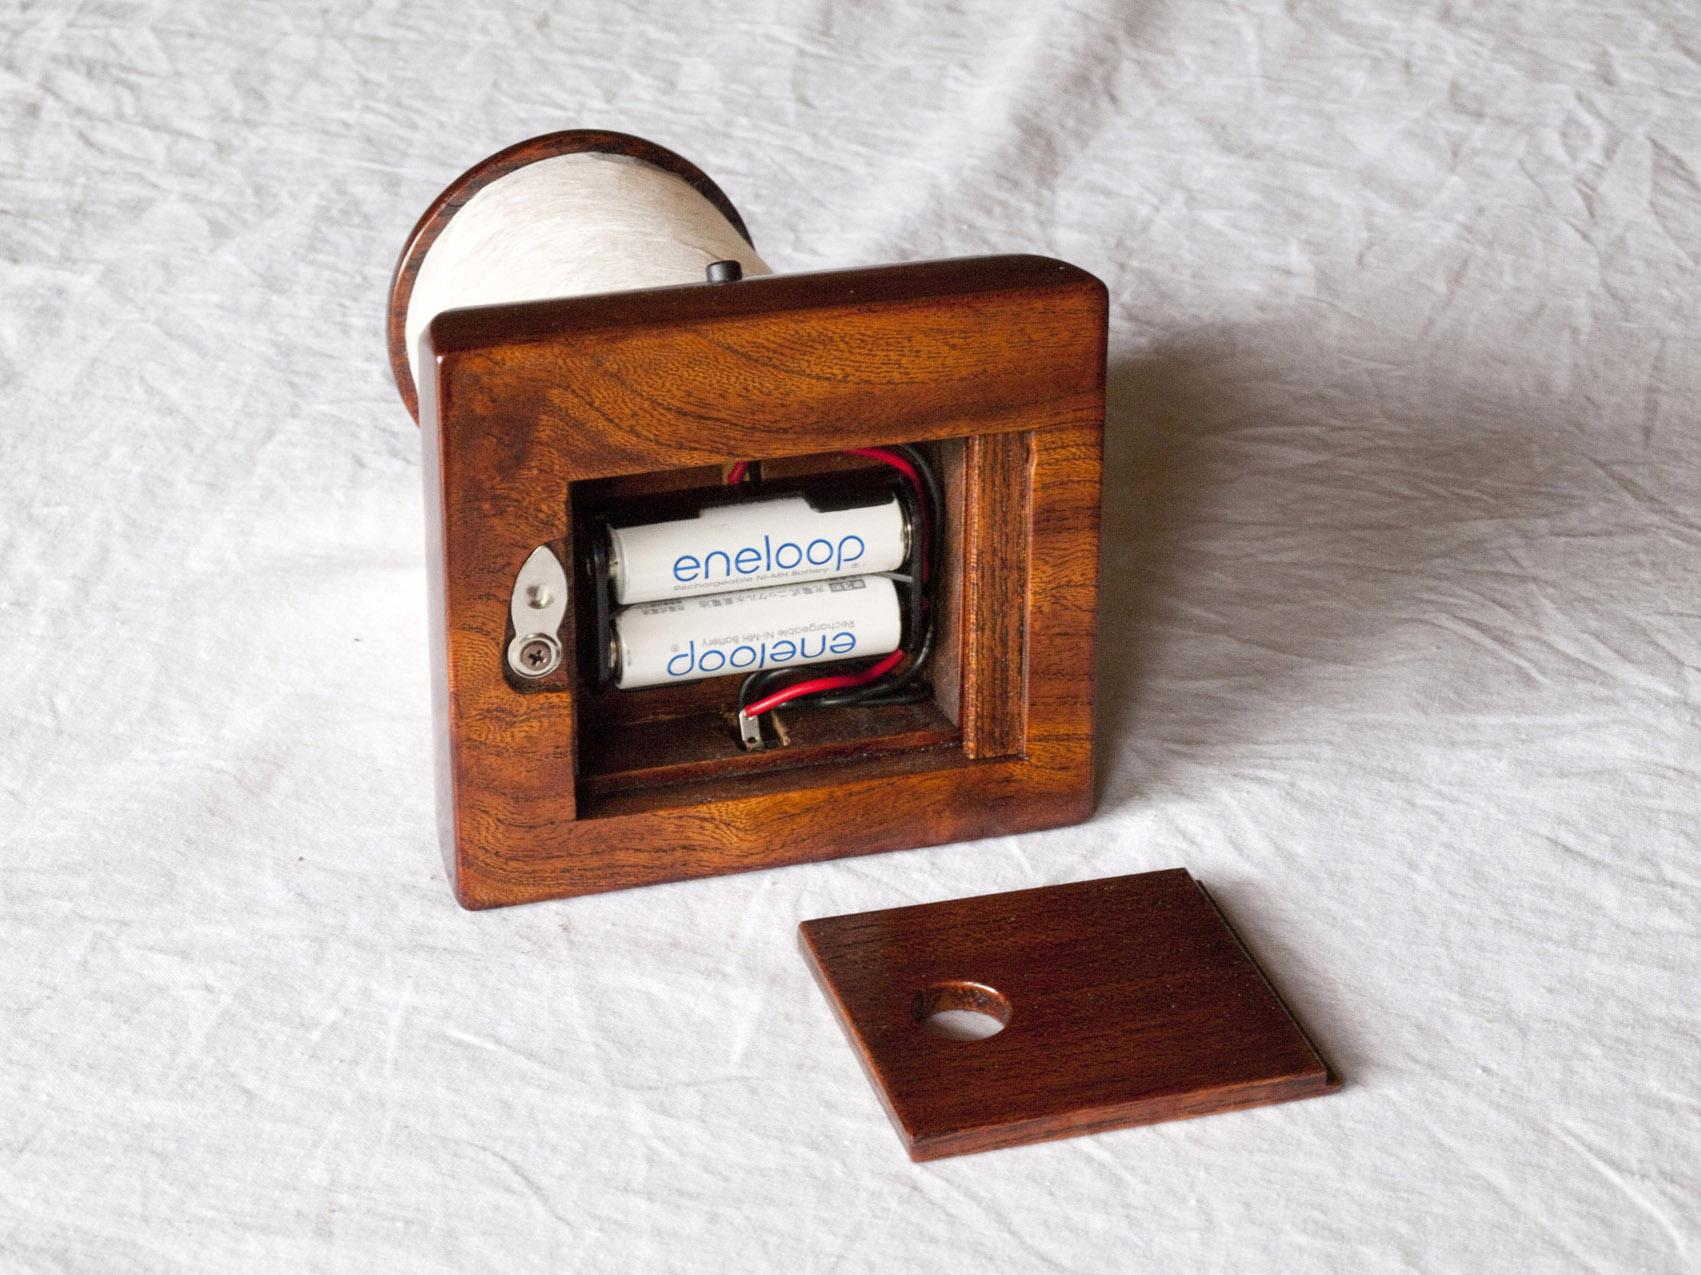 拭き漆欅テーブルライトの電池収納部(底部)の画像